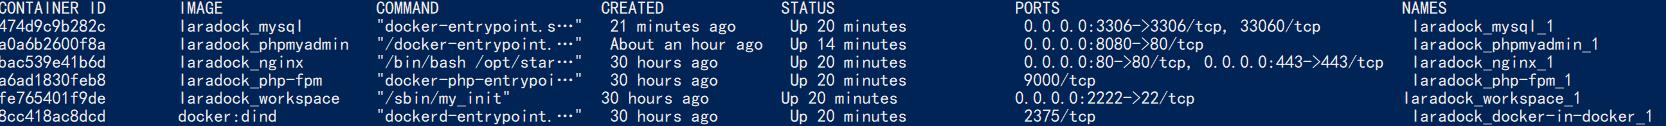 在 laradock 中无法访问到 MySQL (Laravel 项目报 2002 错误) 的问题。